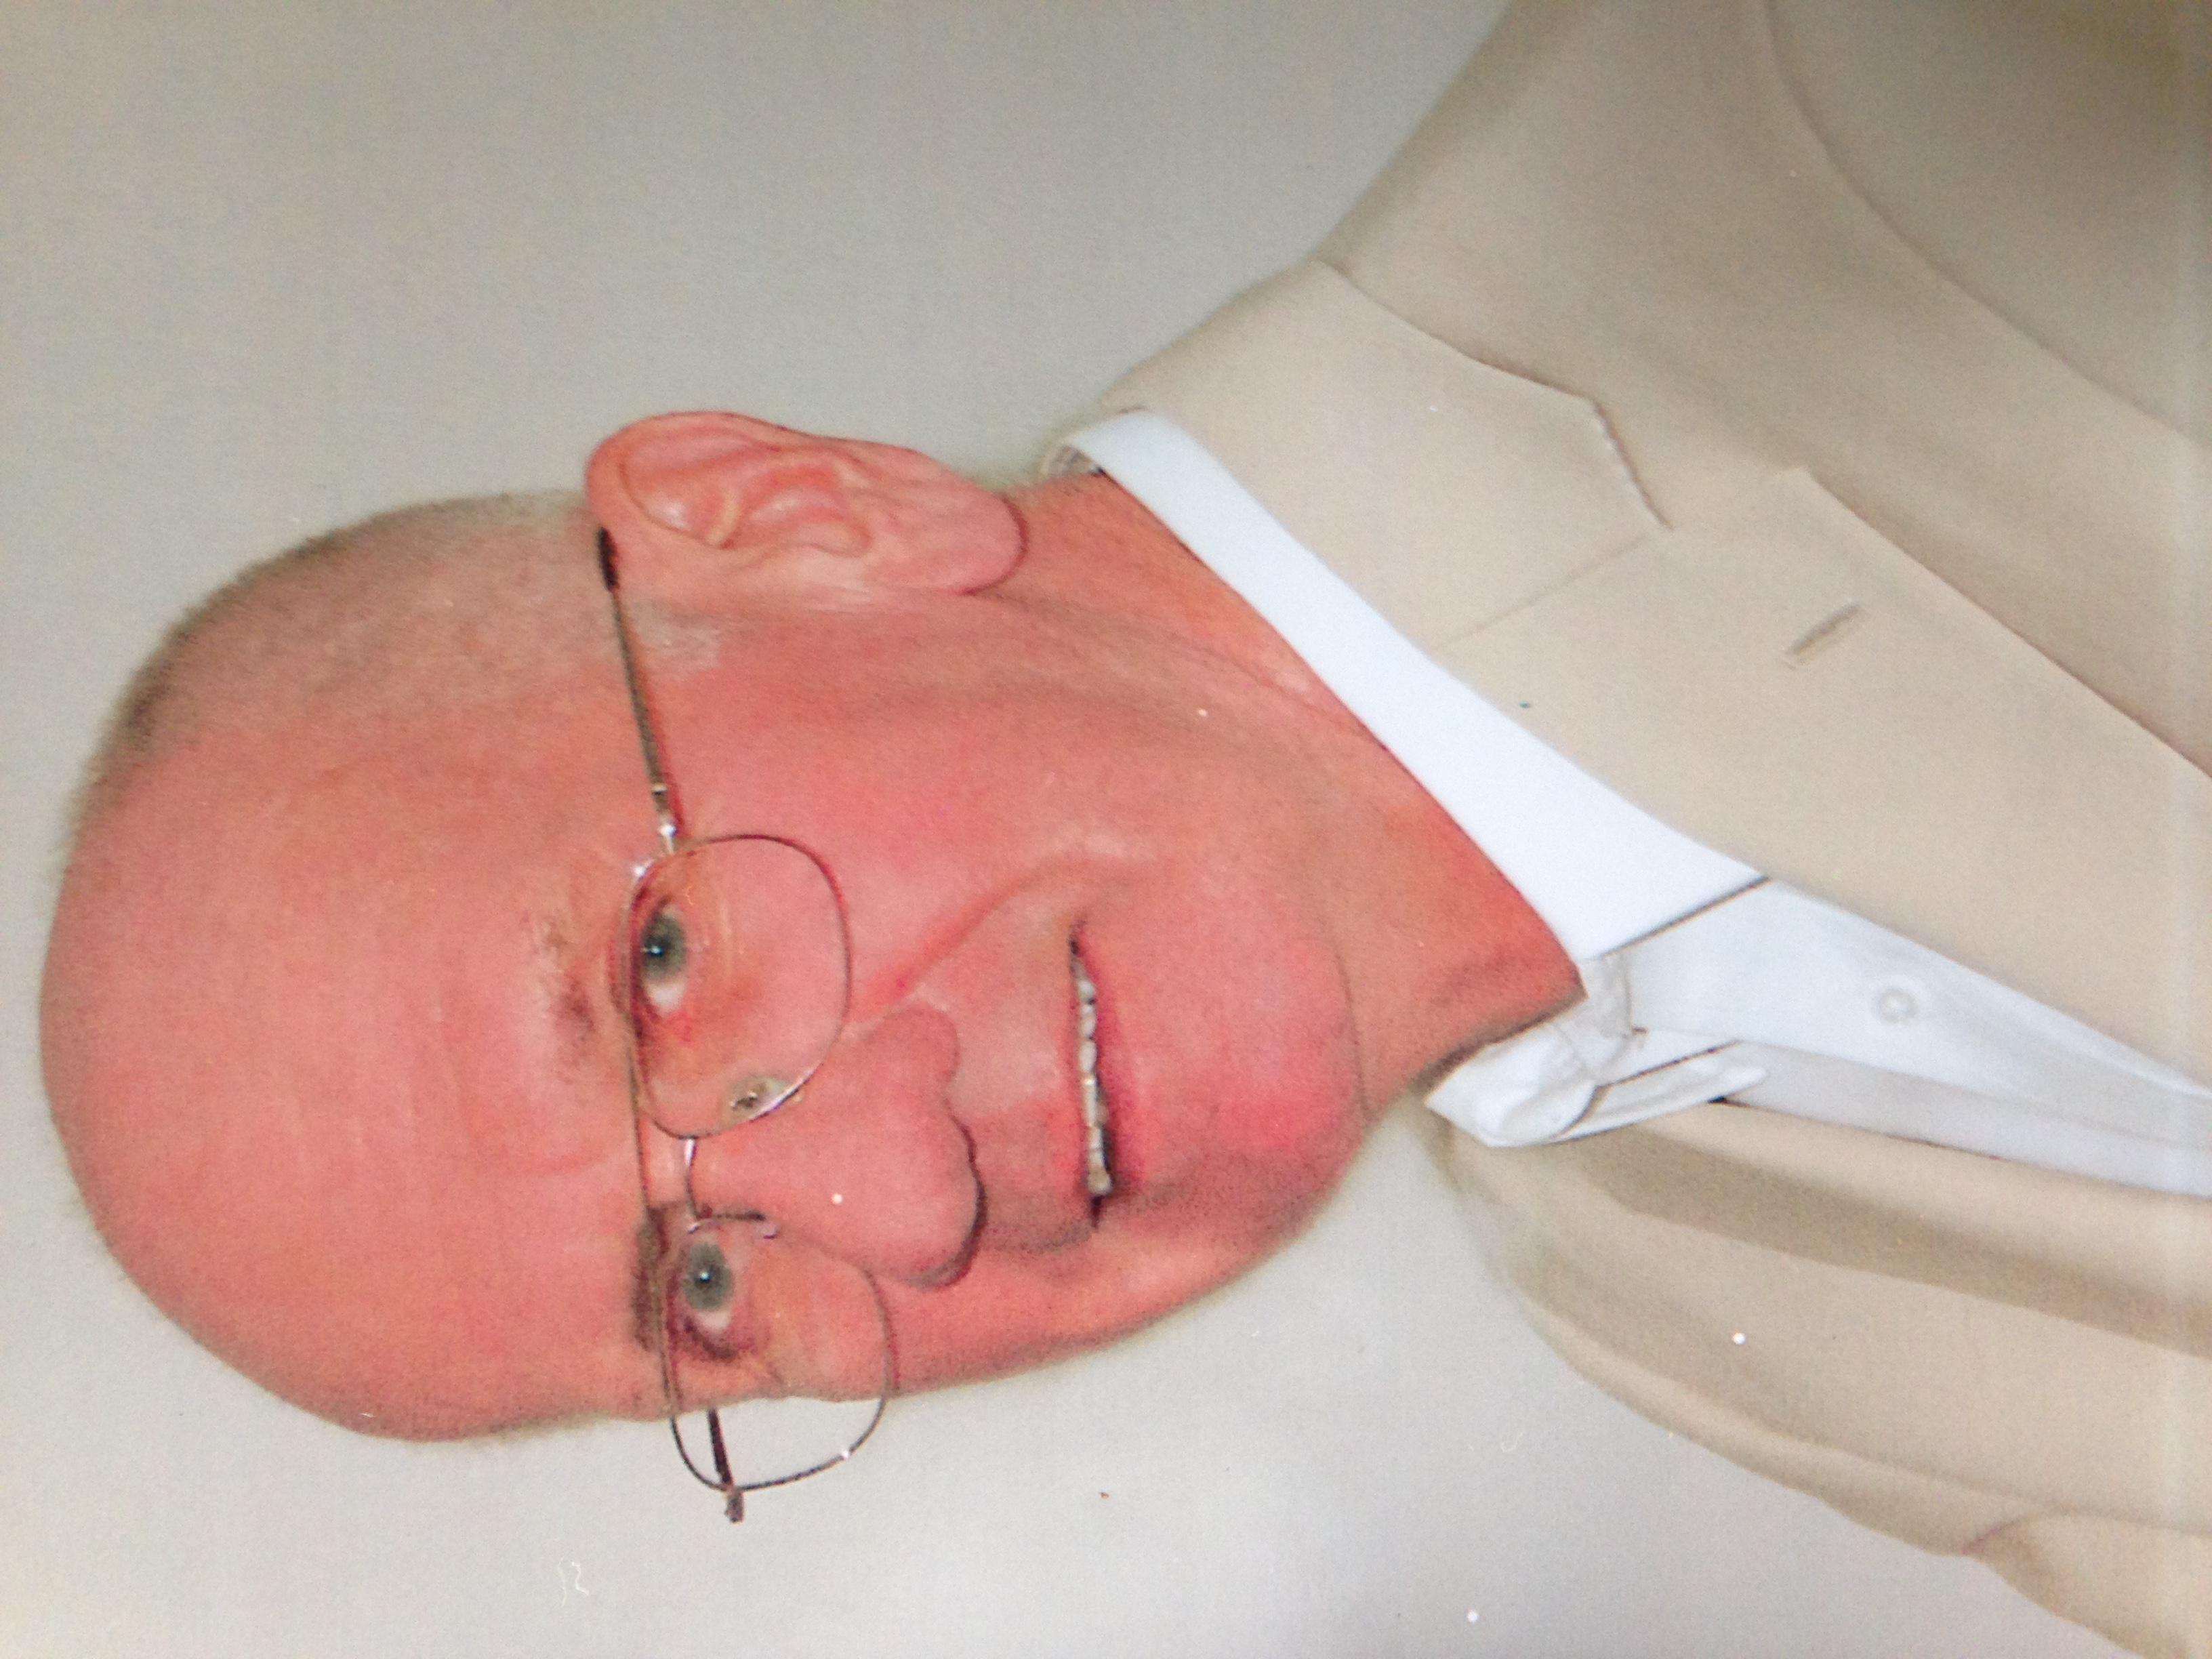 Mike Flaherty